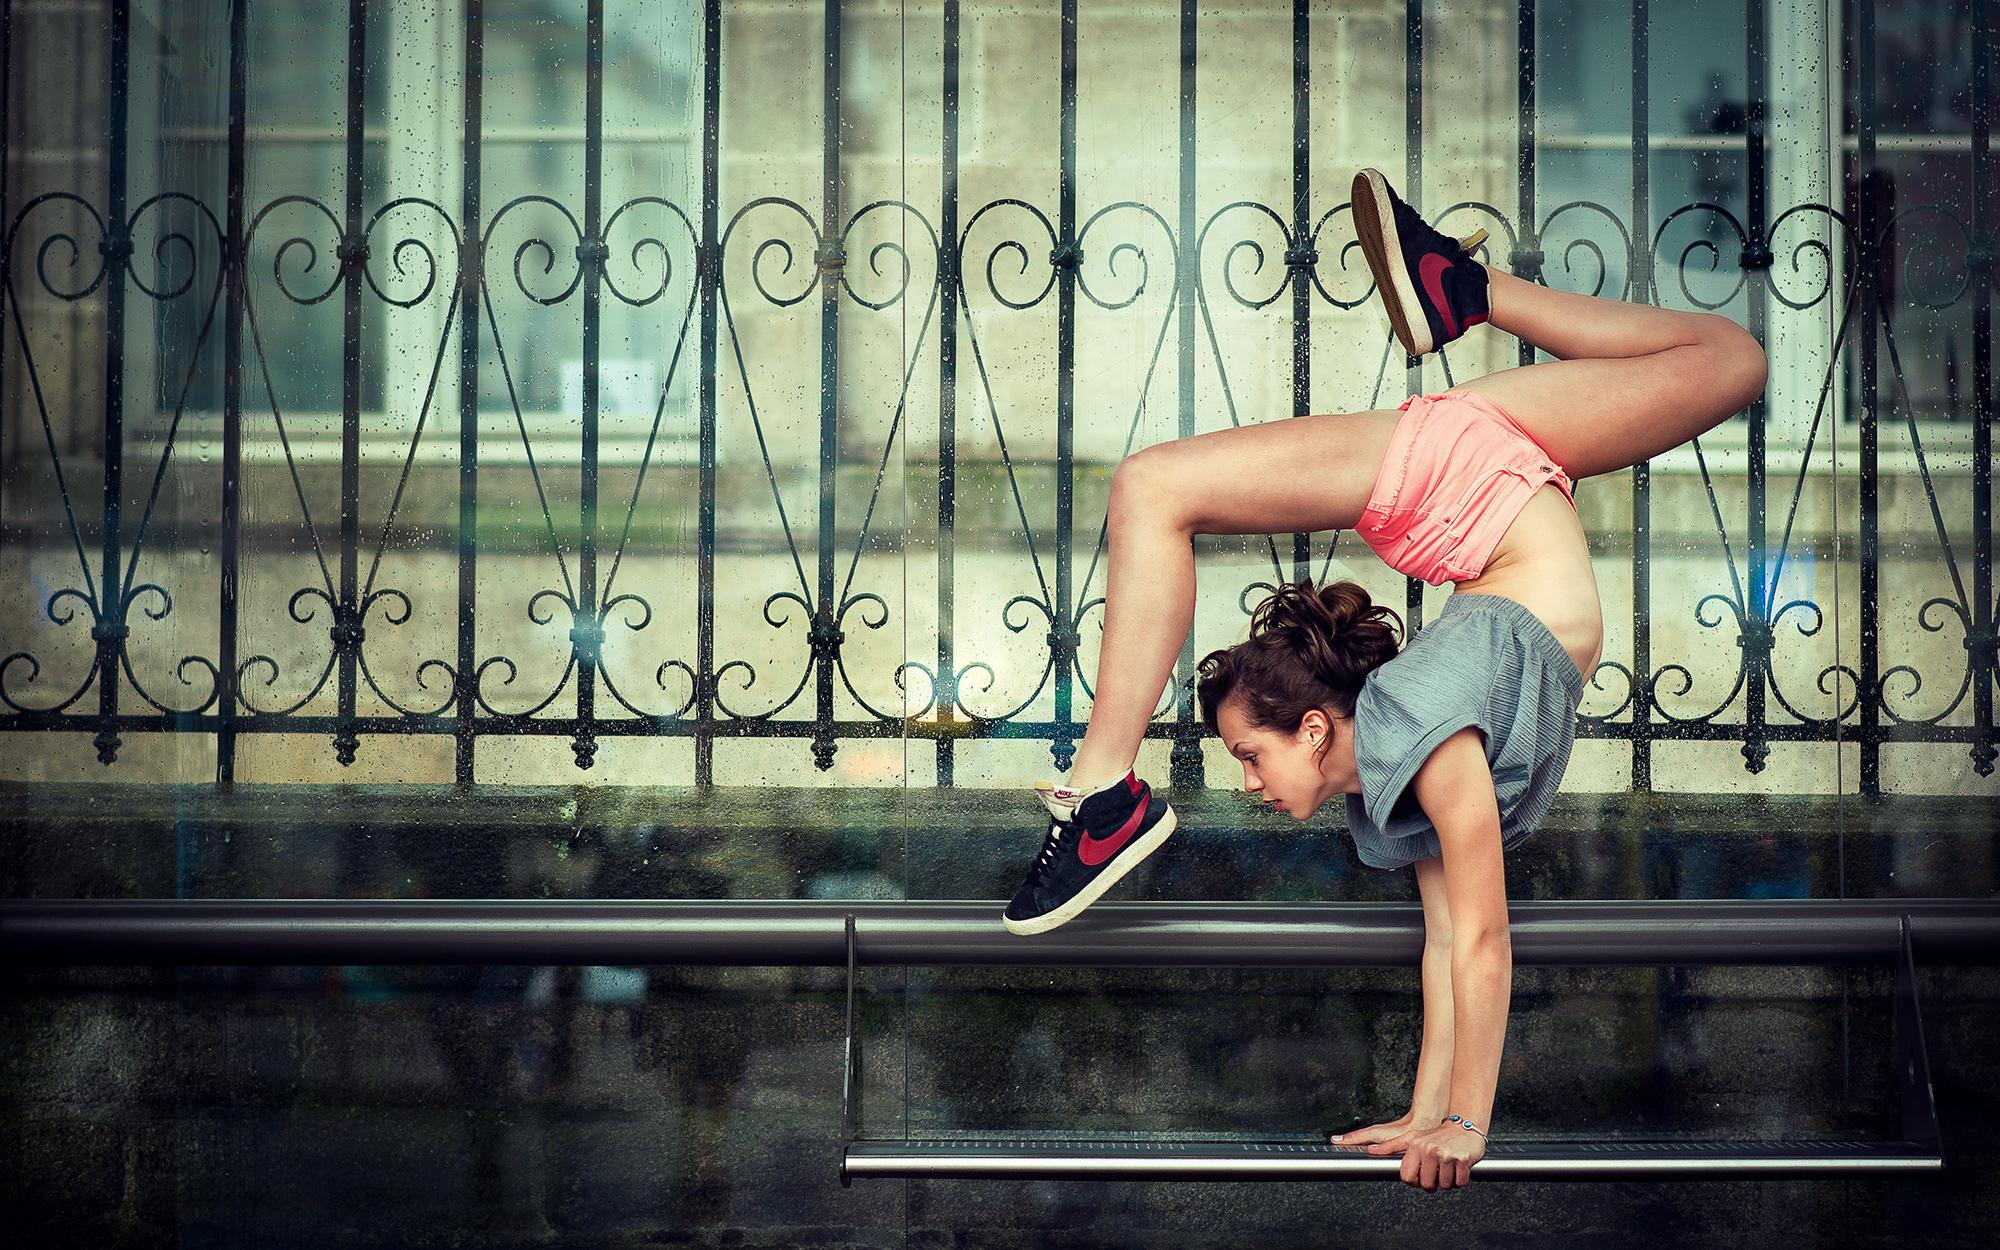 Фото девушек в стойке мостик, Фото подборка эротики как голые девушки делают мостик 15 фотография